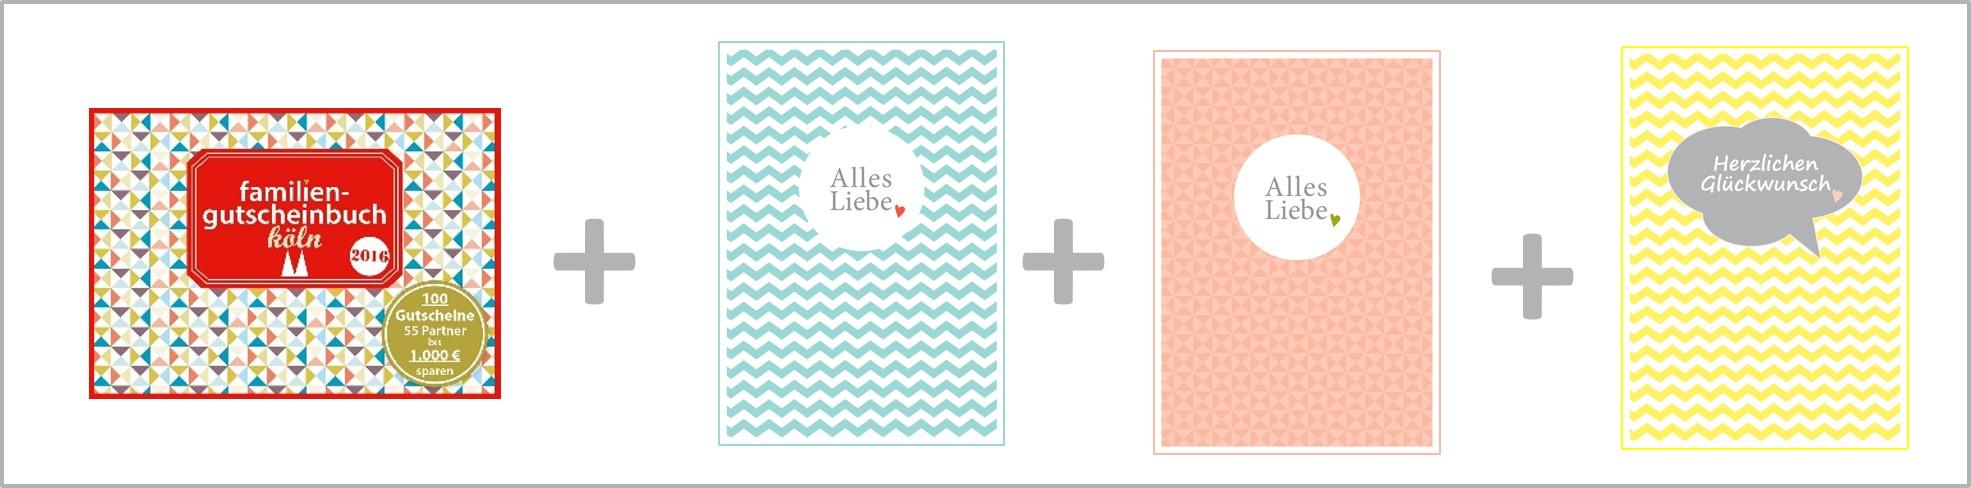 Promotion Gutscheinbuch Köln plus Gratispostkarten jpg - Top 3 Tipps für das Osterwochenende